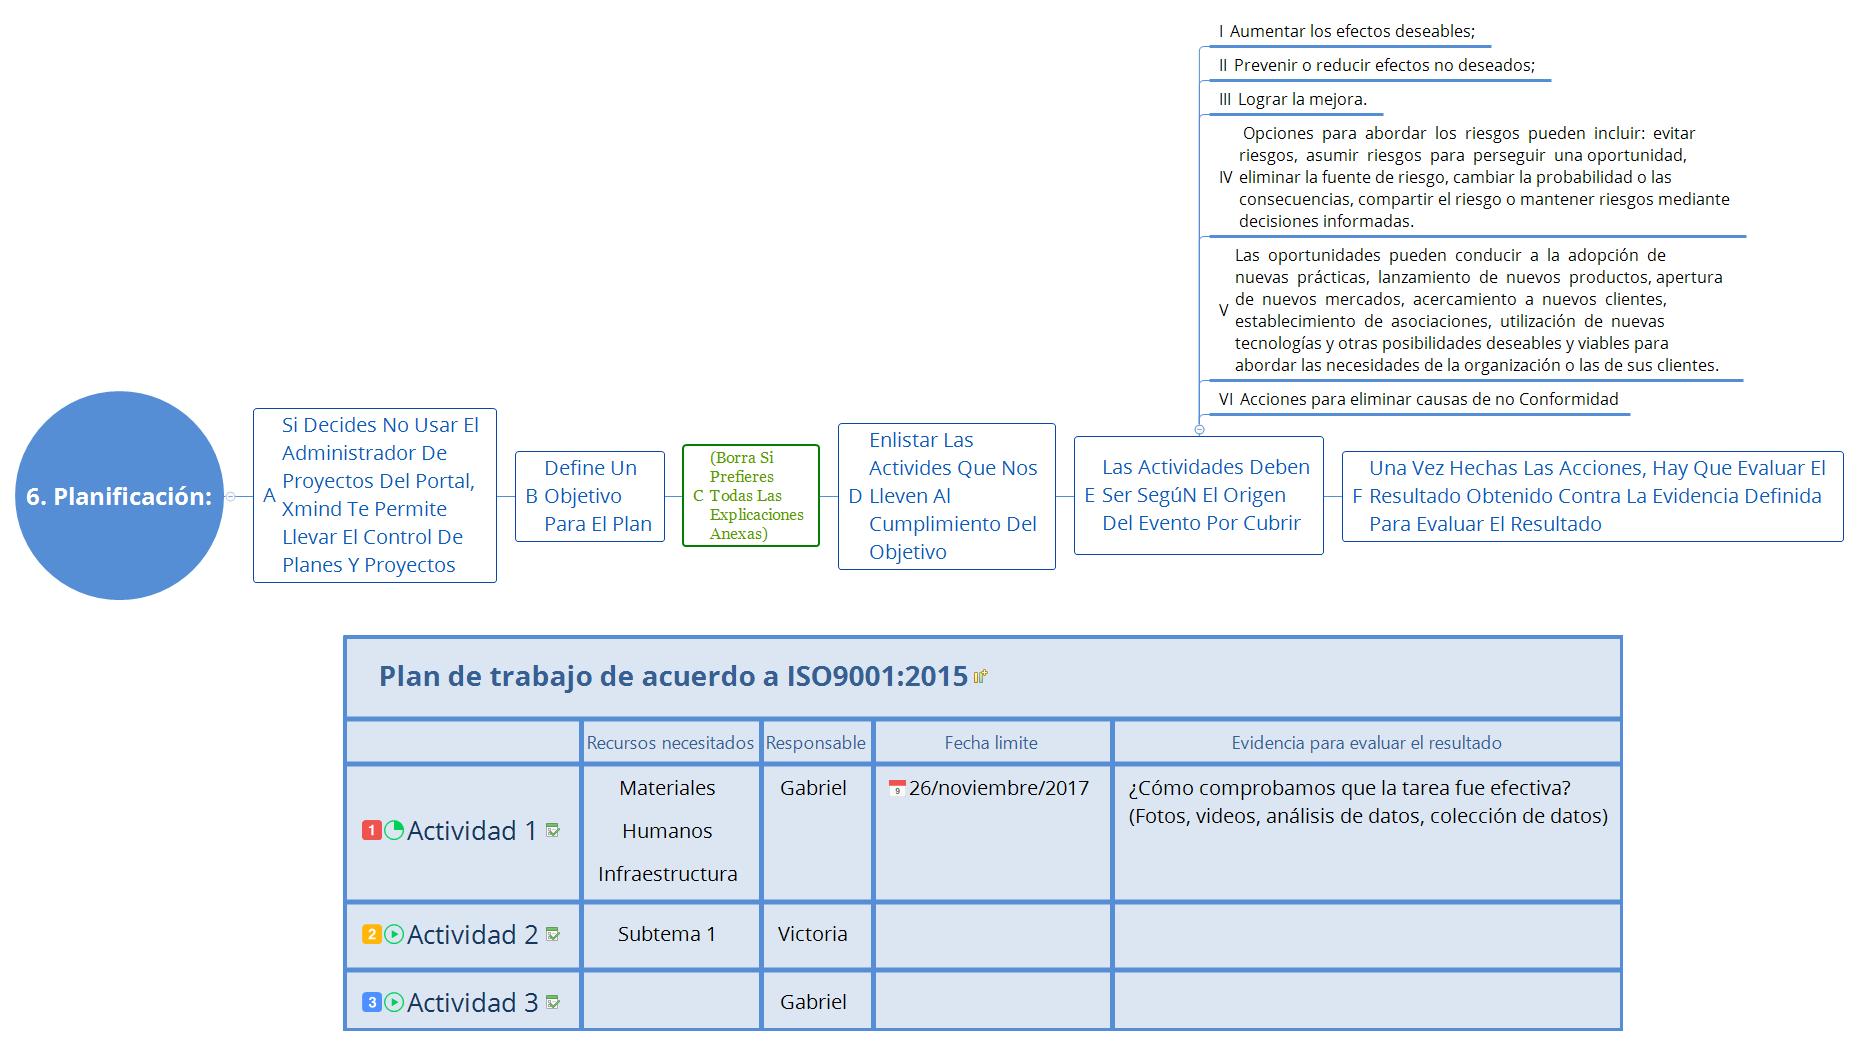 Formato de Plan de trabajo de acuerdo a ISO9001:2015